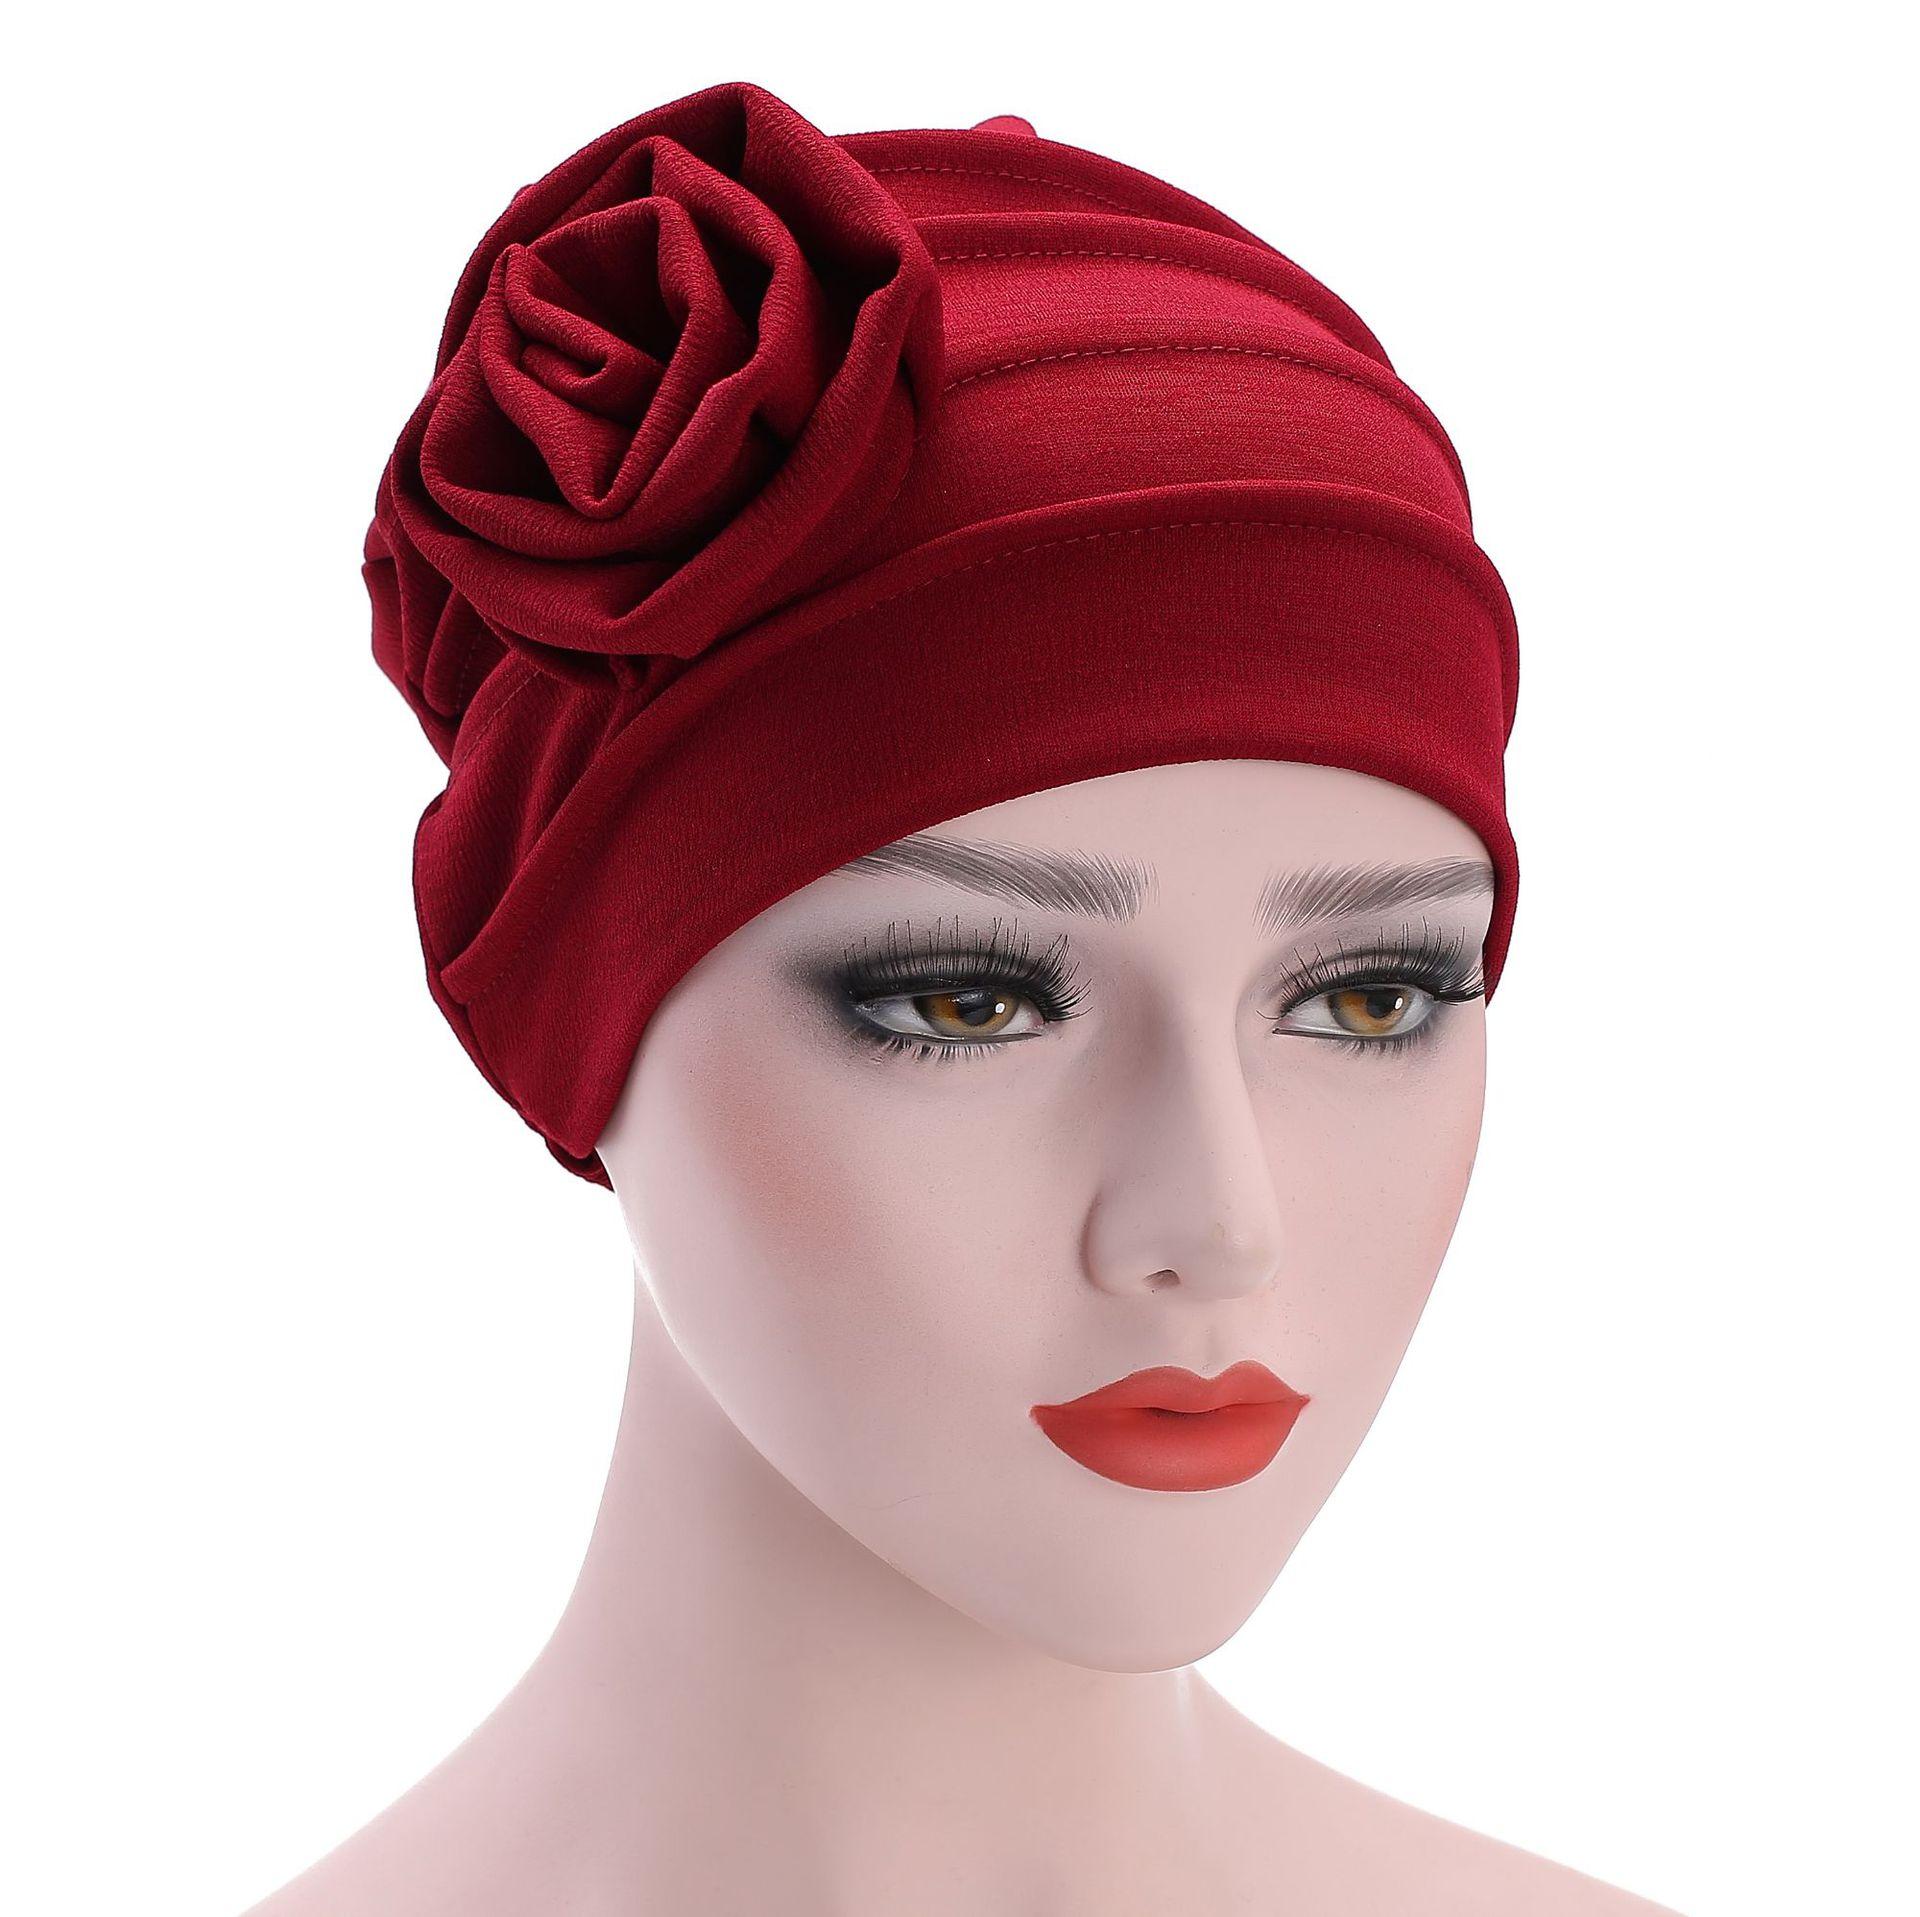 Atacado muslim bonnet Galeria - Comprar a Precos Baixos muslim bonnet Lotes  em Aliexpress.com - Pagina muslim bonnet cca8f5b072a